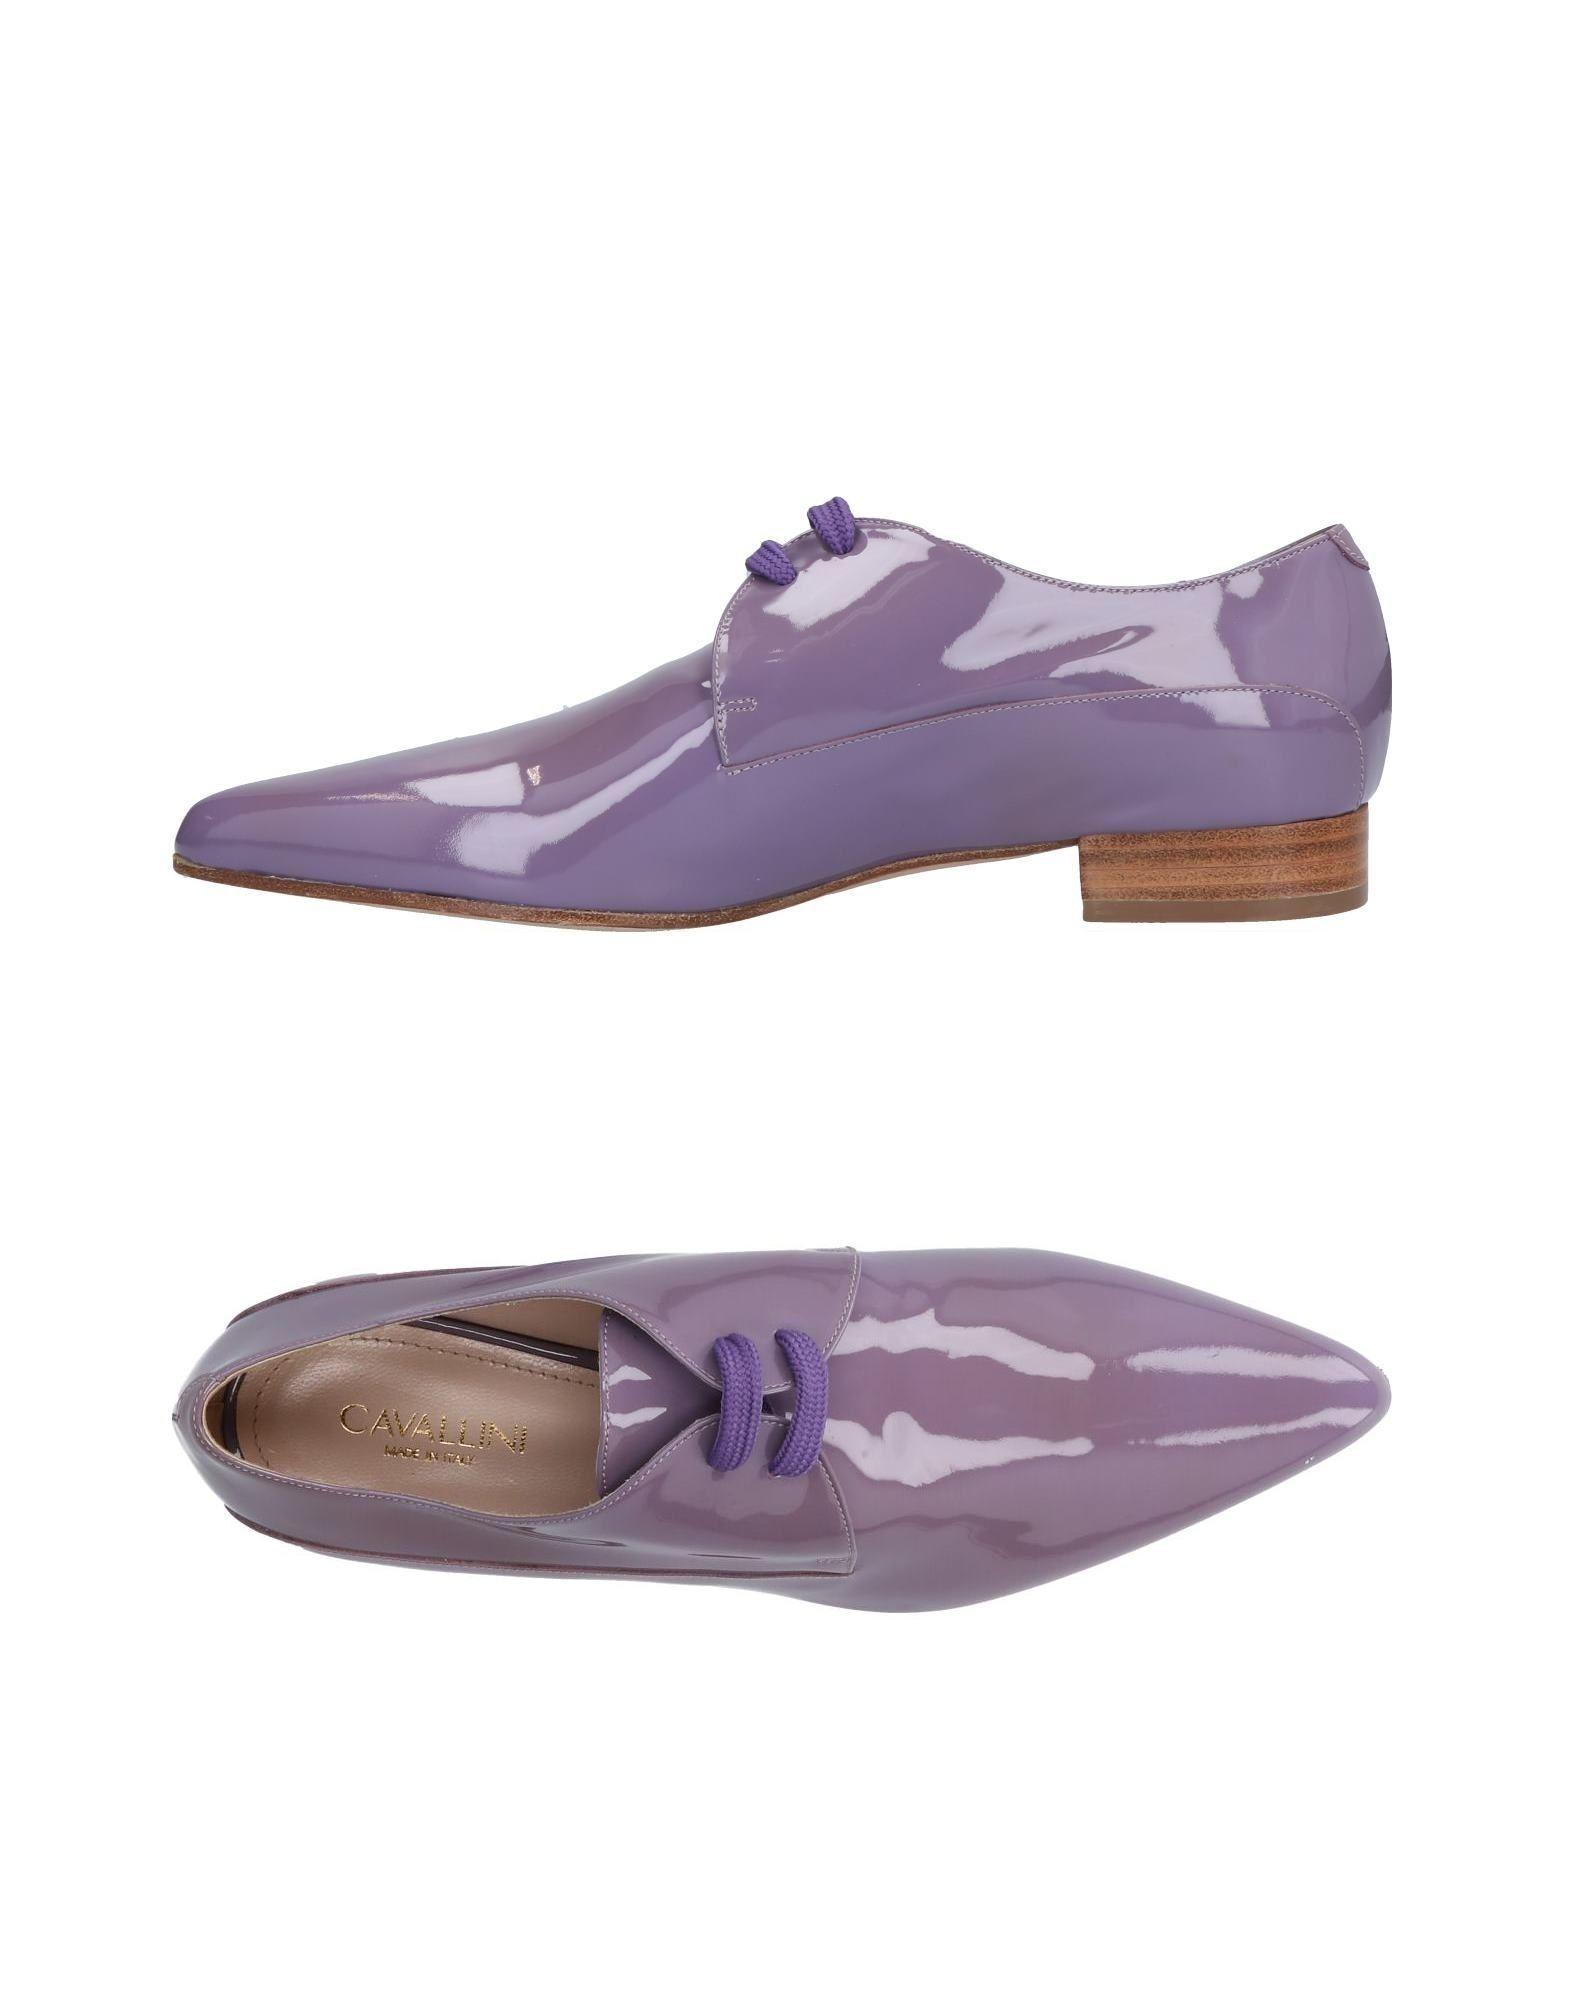 Cavallini Schnürschuhe Damen  11484252SW Gute Qualität beliebte Schuhe